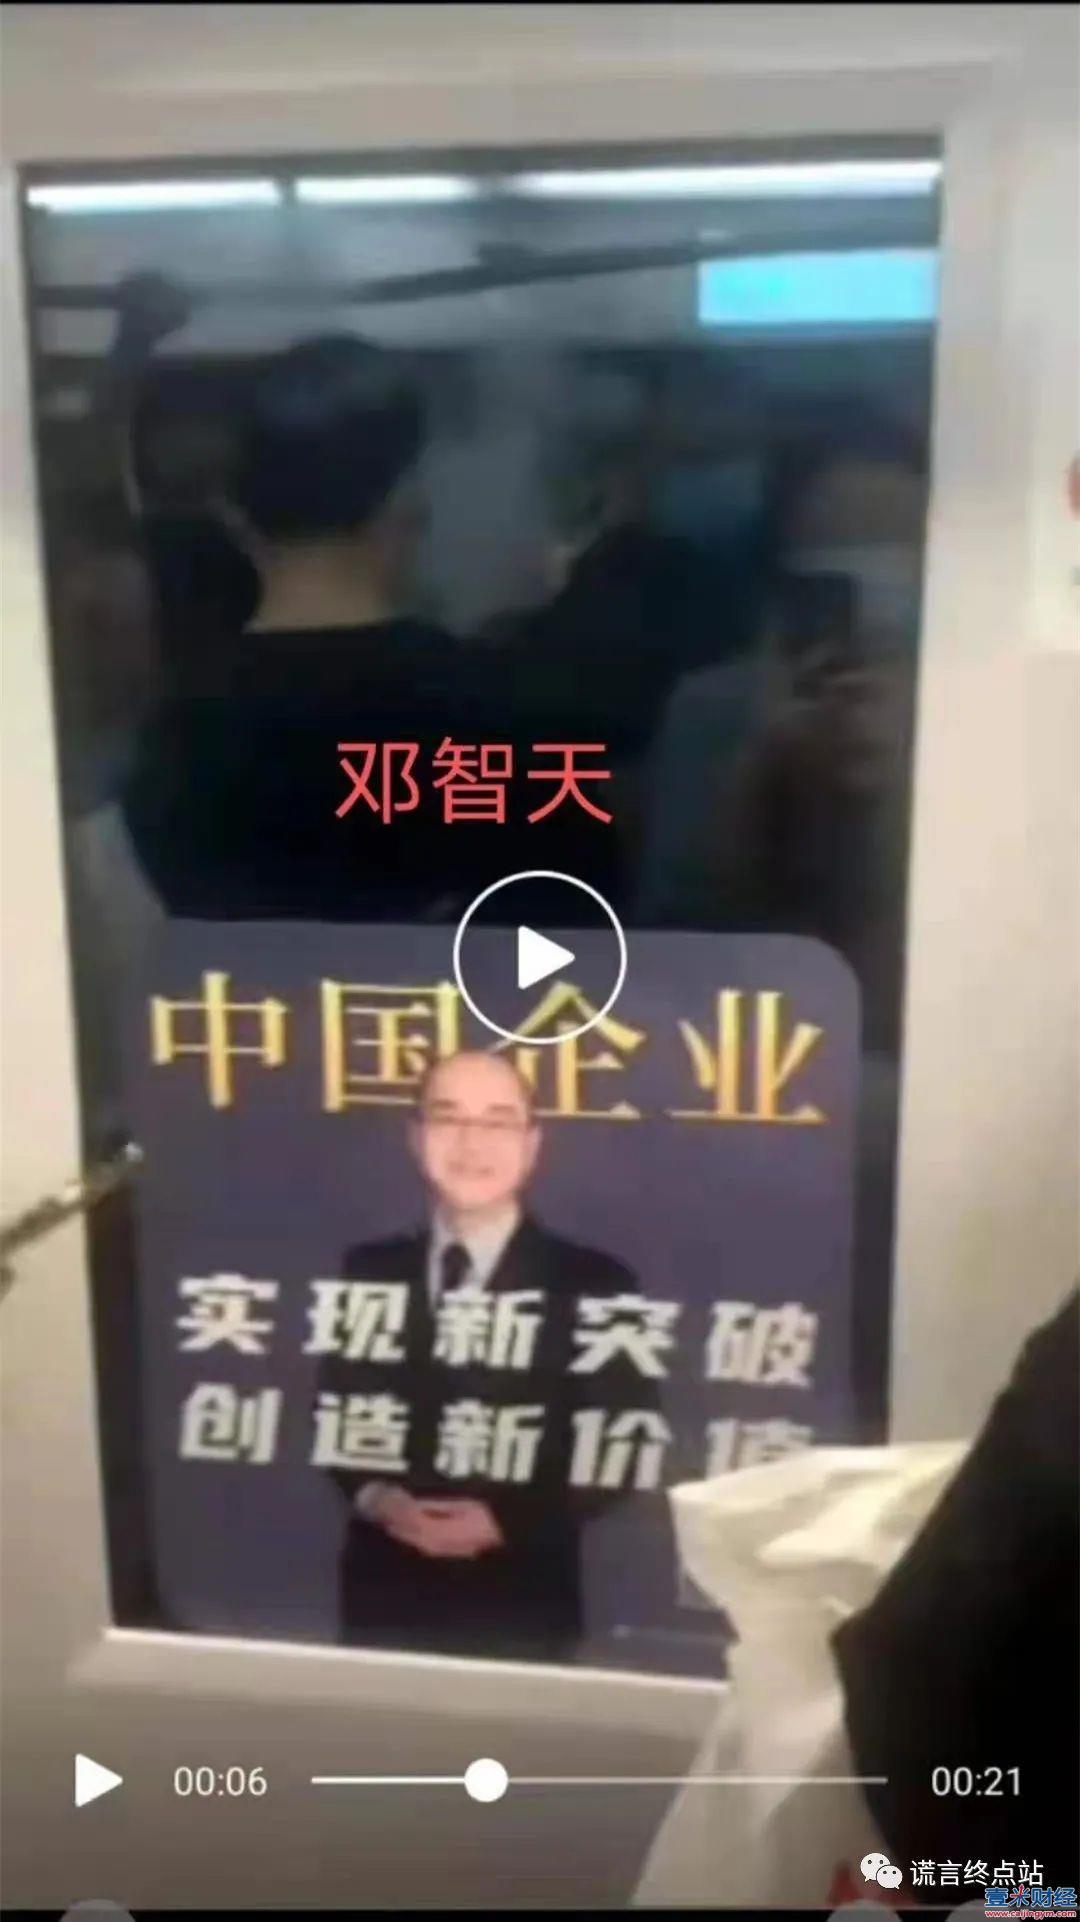 邓智天2021年最新消息:邓智天亮相北京地铁啦?拜托,认错人了!